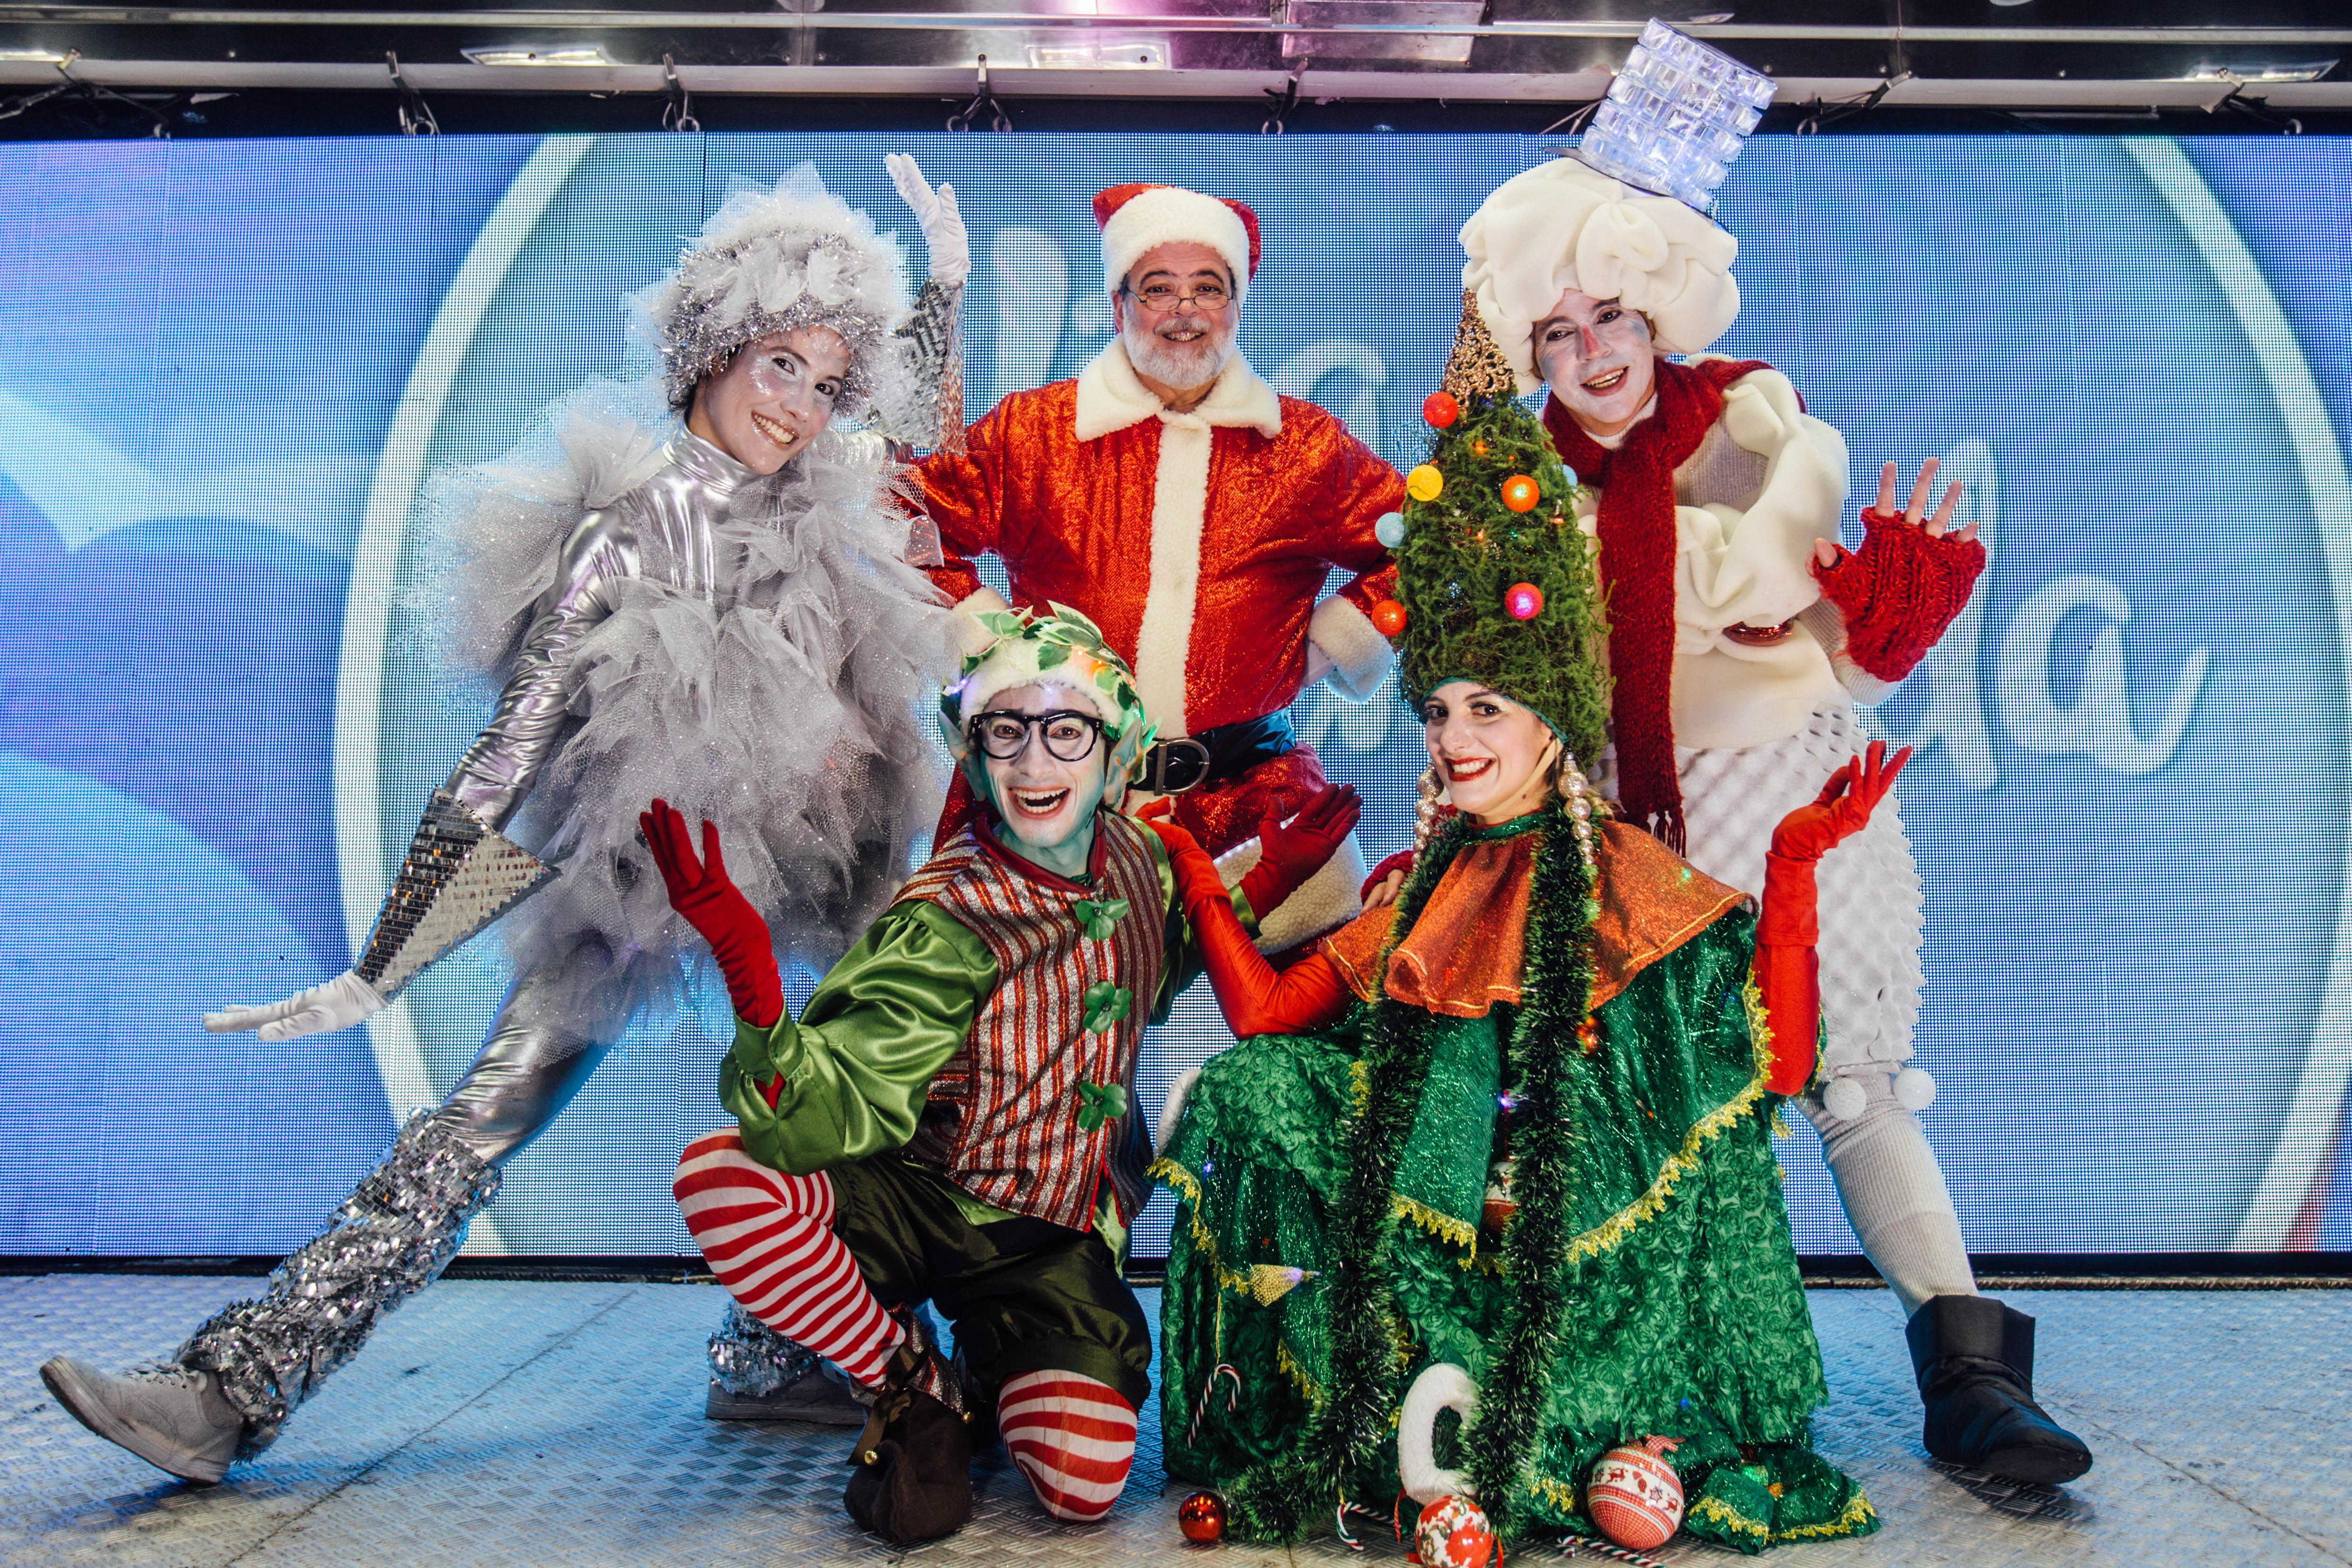 Enel apresenta a magia do Natal com teatro, cinema e muita diversão em shopping de Goiânia